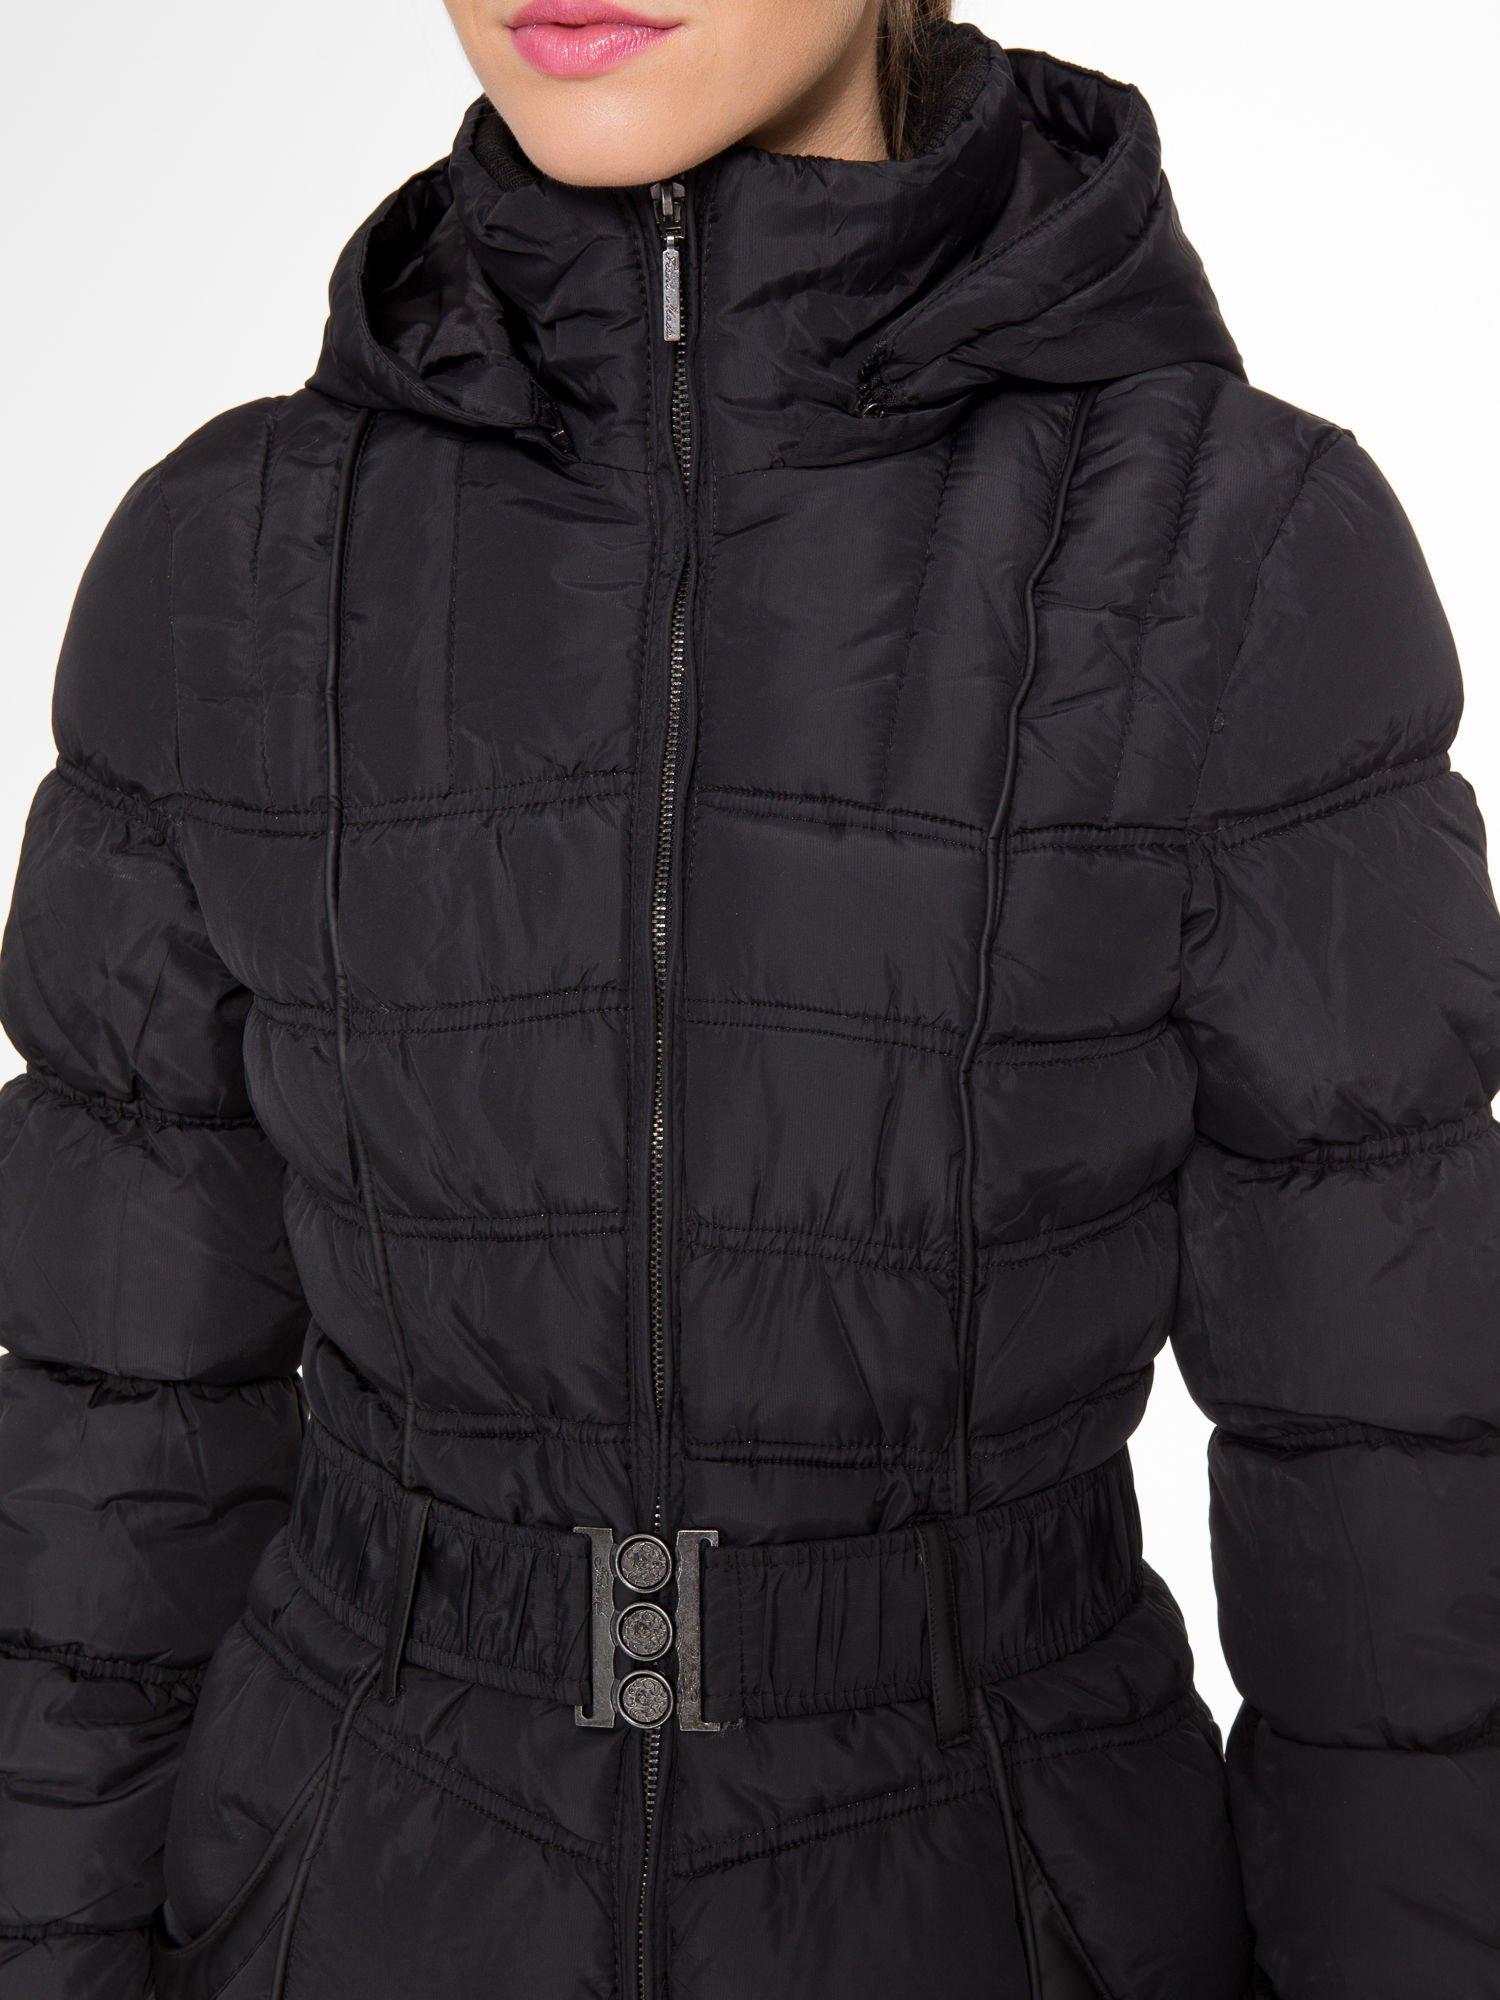 Czarny puchowy płaszcz zapinany na pasek z klamrą                                  zdj.                                  6